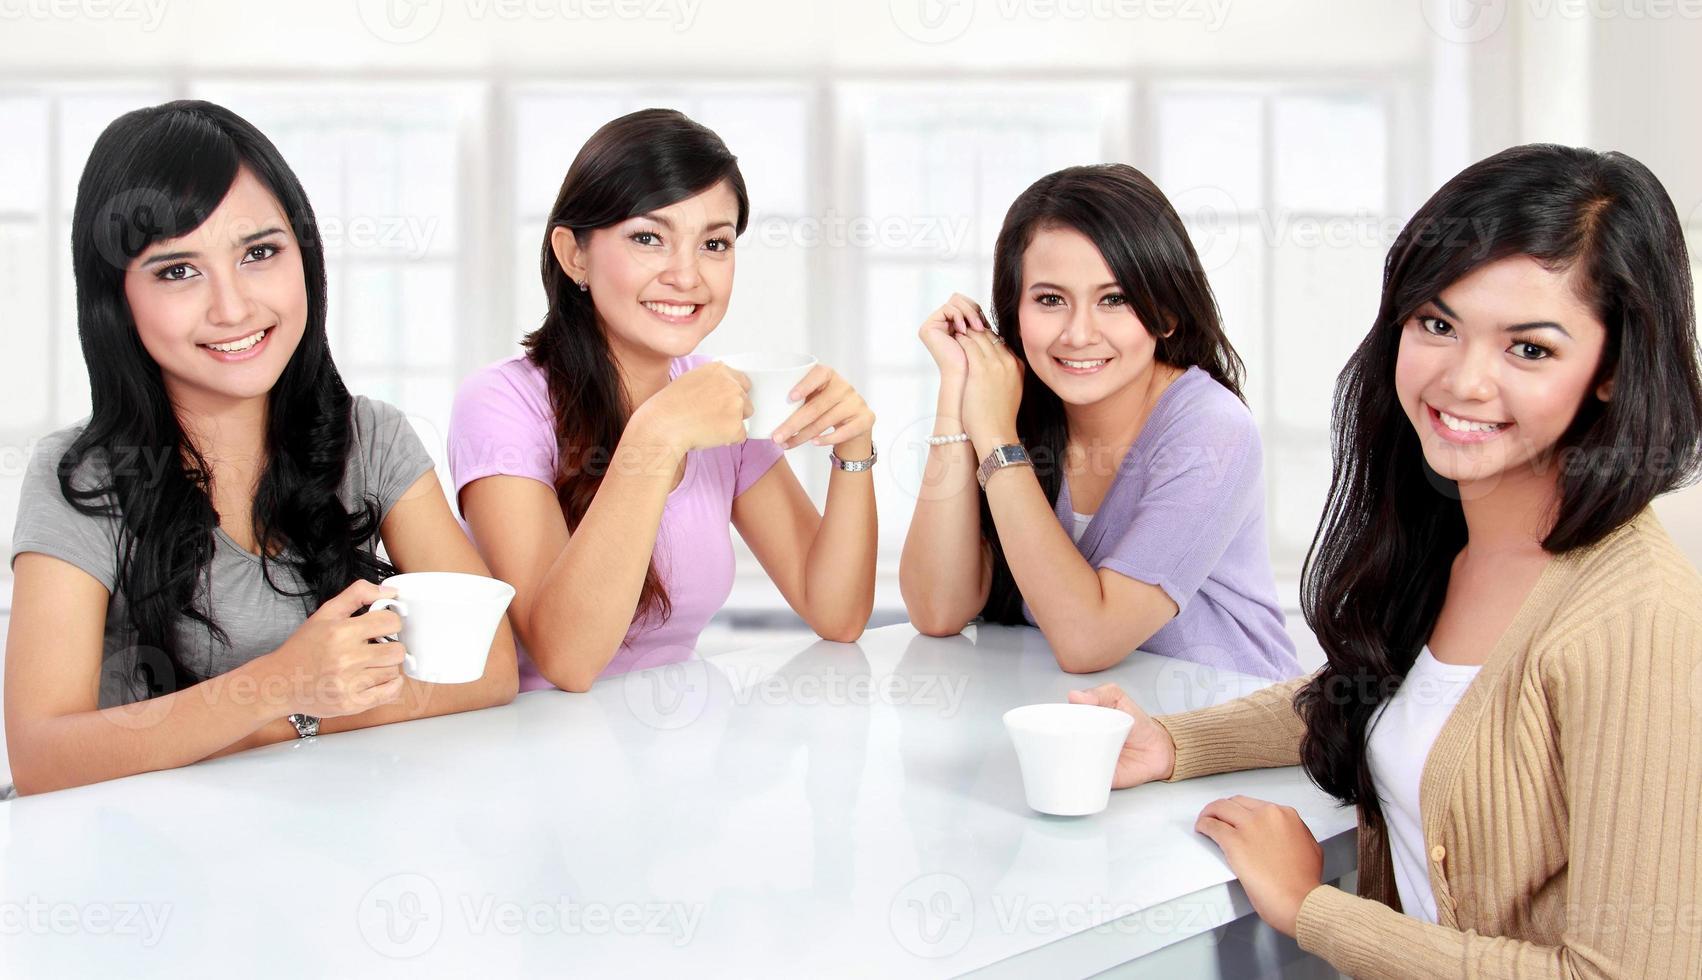 groep vrouwen die quality time samen hebben foto